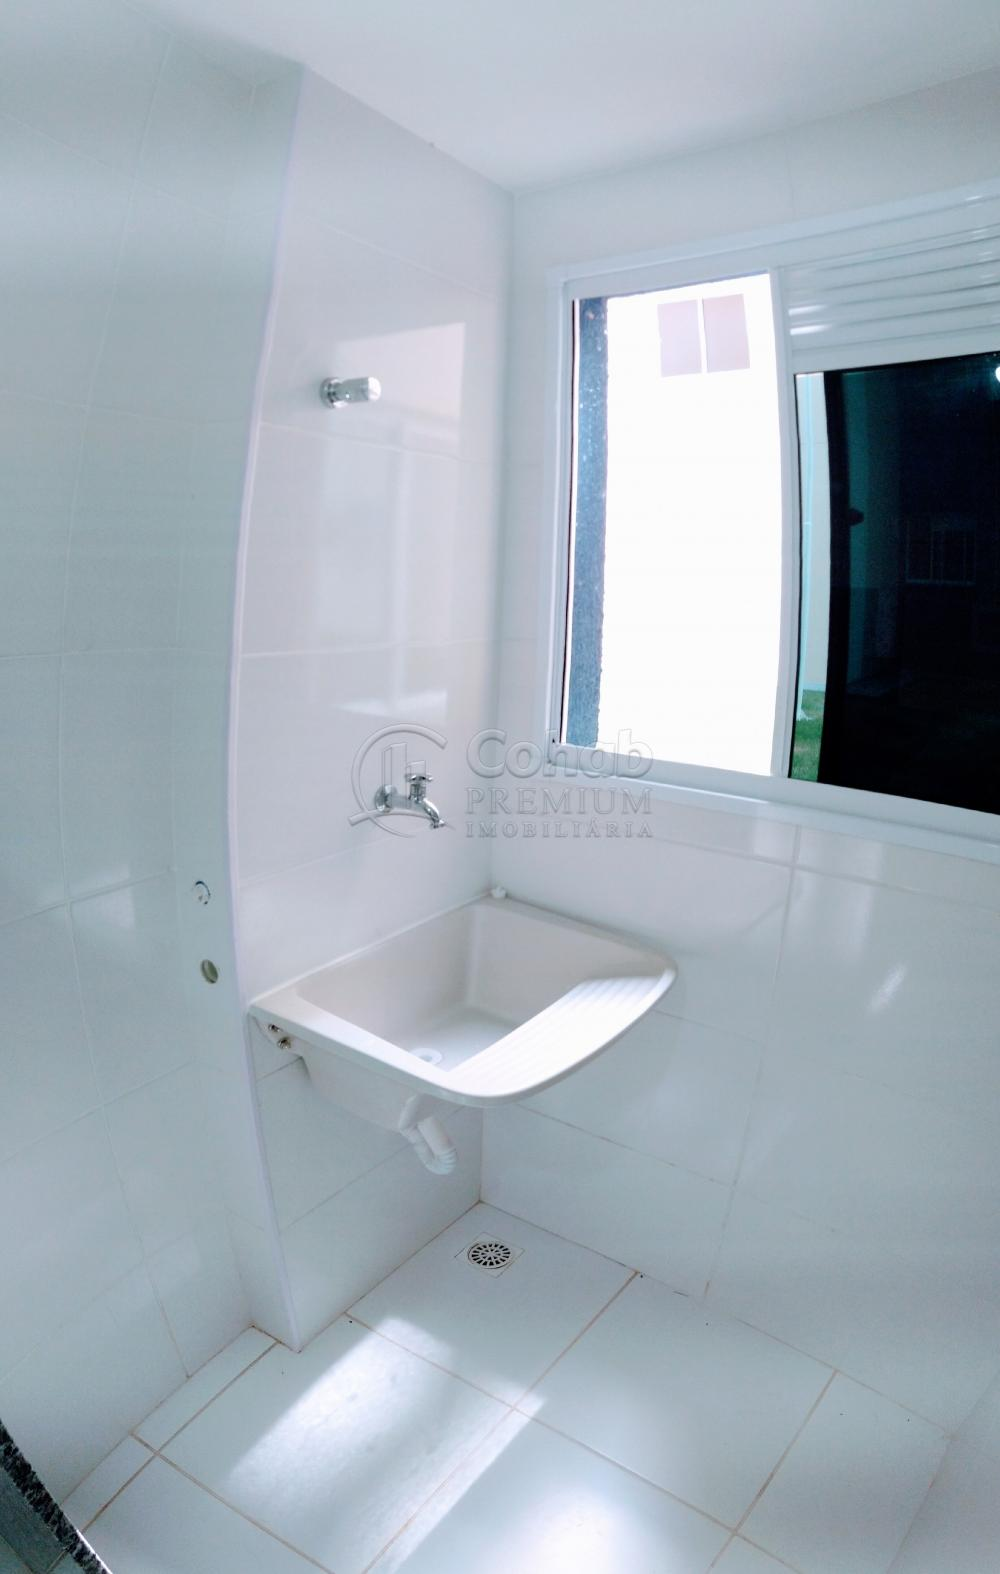 Alugar Apartamento / Padrão em São Cristóvão apenas R$ 630,00 - Foto 13